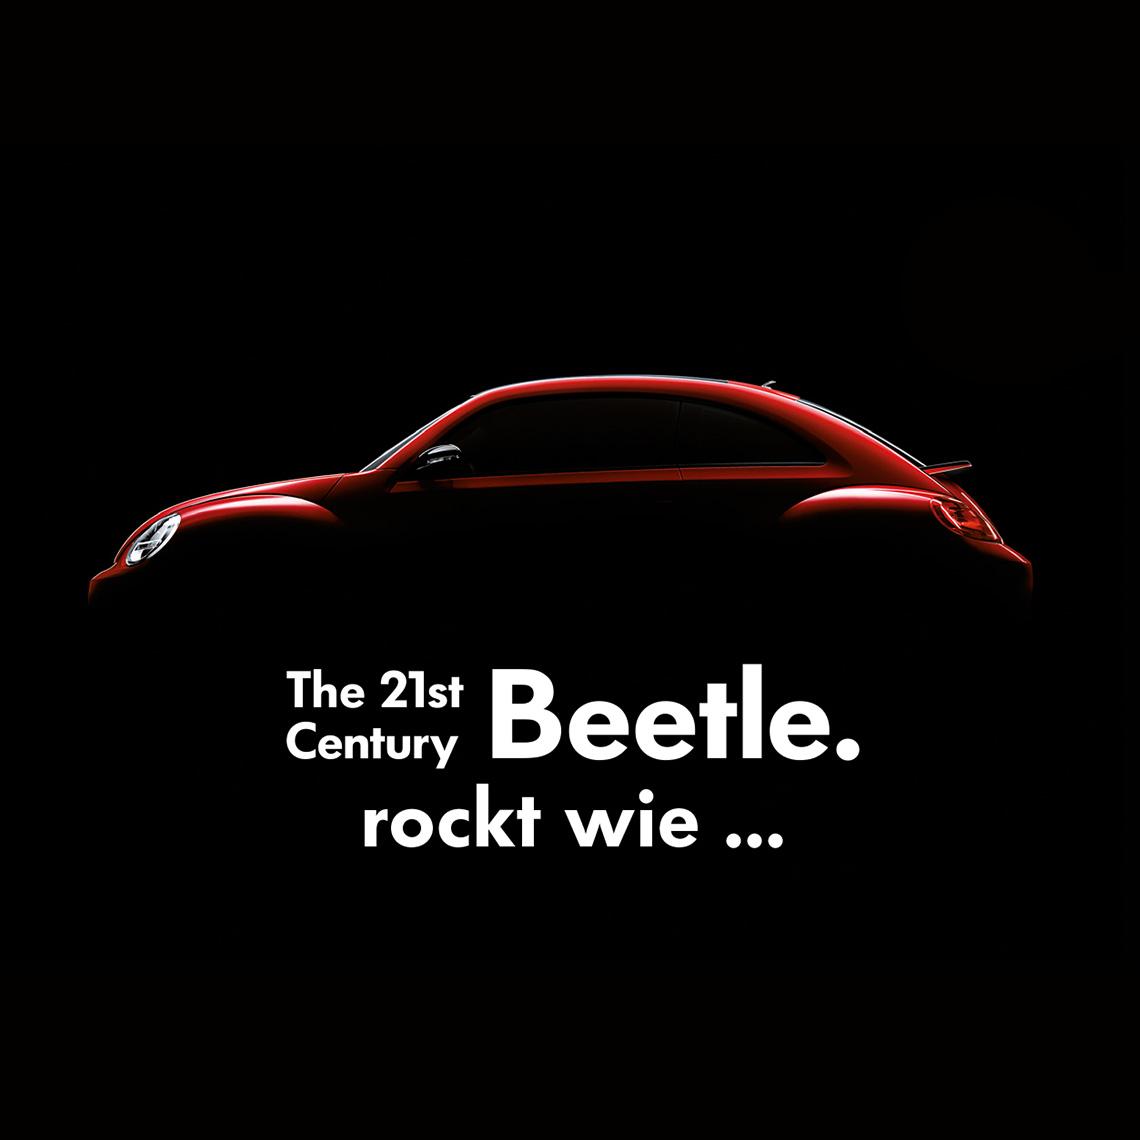 ENVY Project - Volkswagen New Beetle - Bonus Image